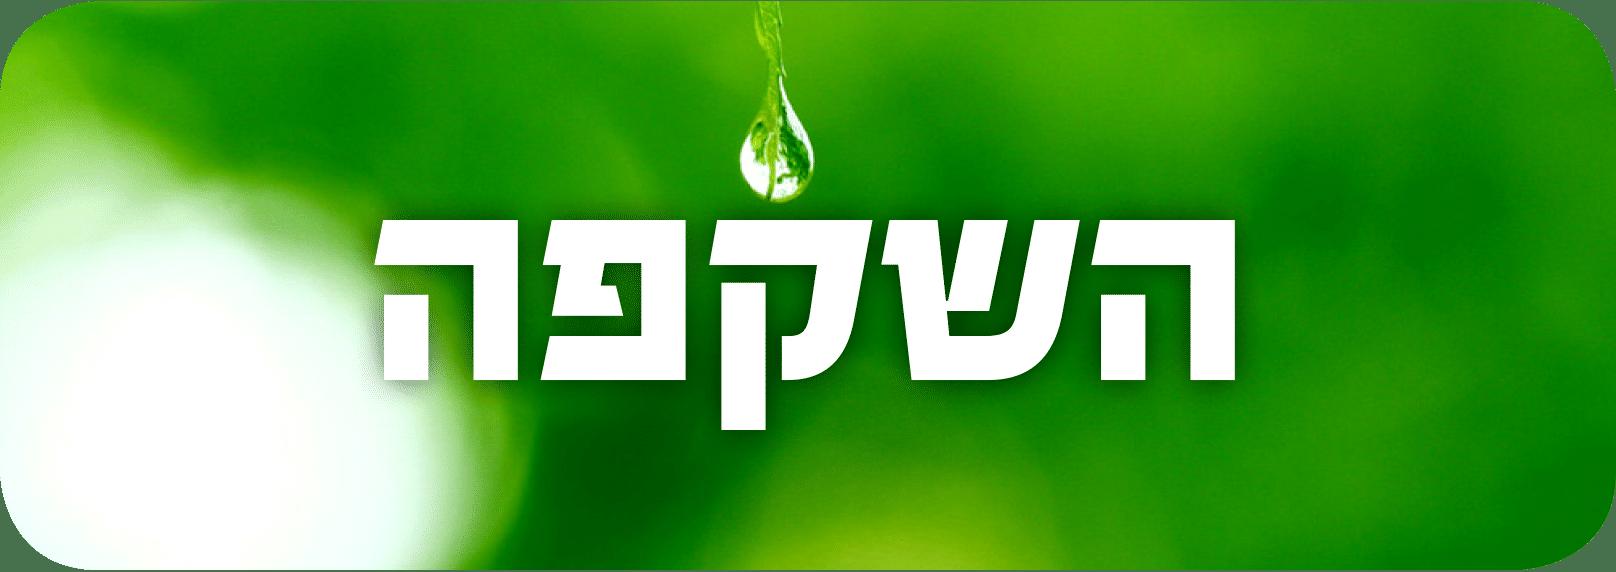 hashkafa bullet no logo